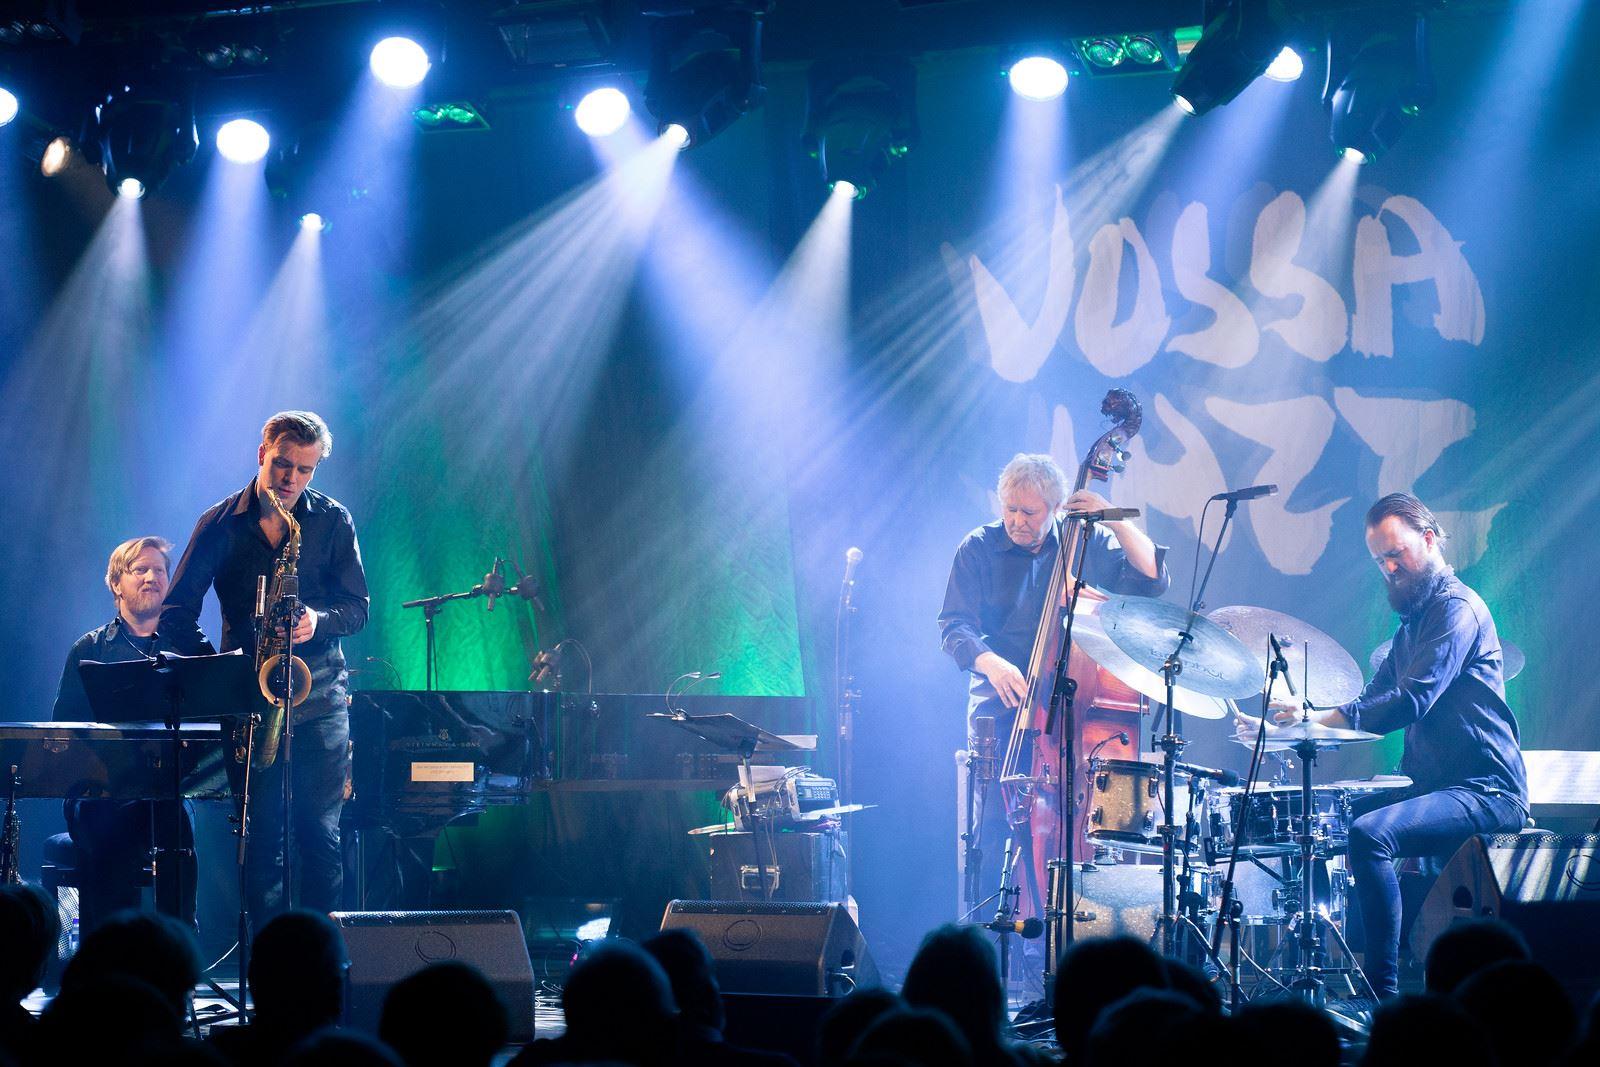 © Erik Aasheim, Vossa Jazz